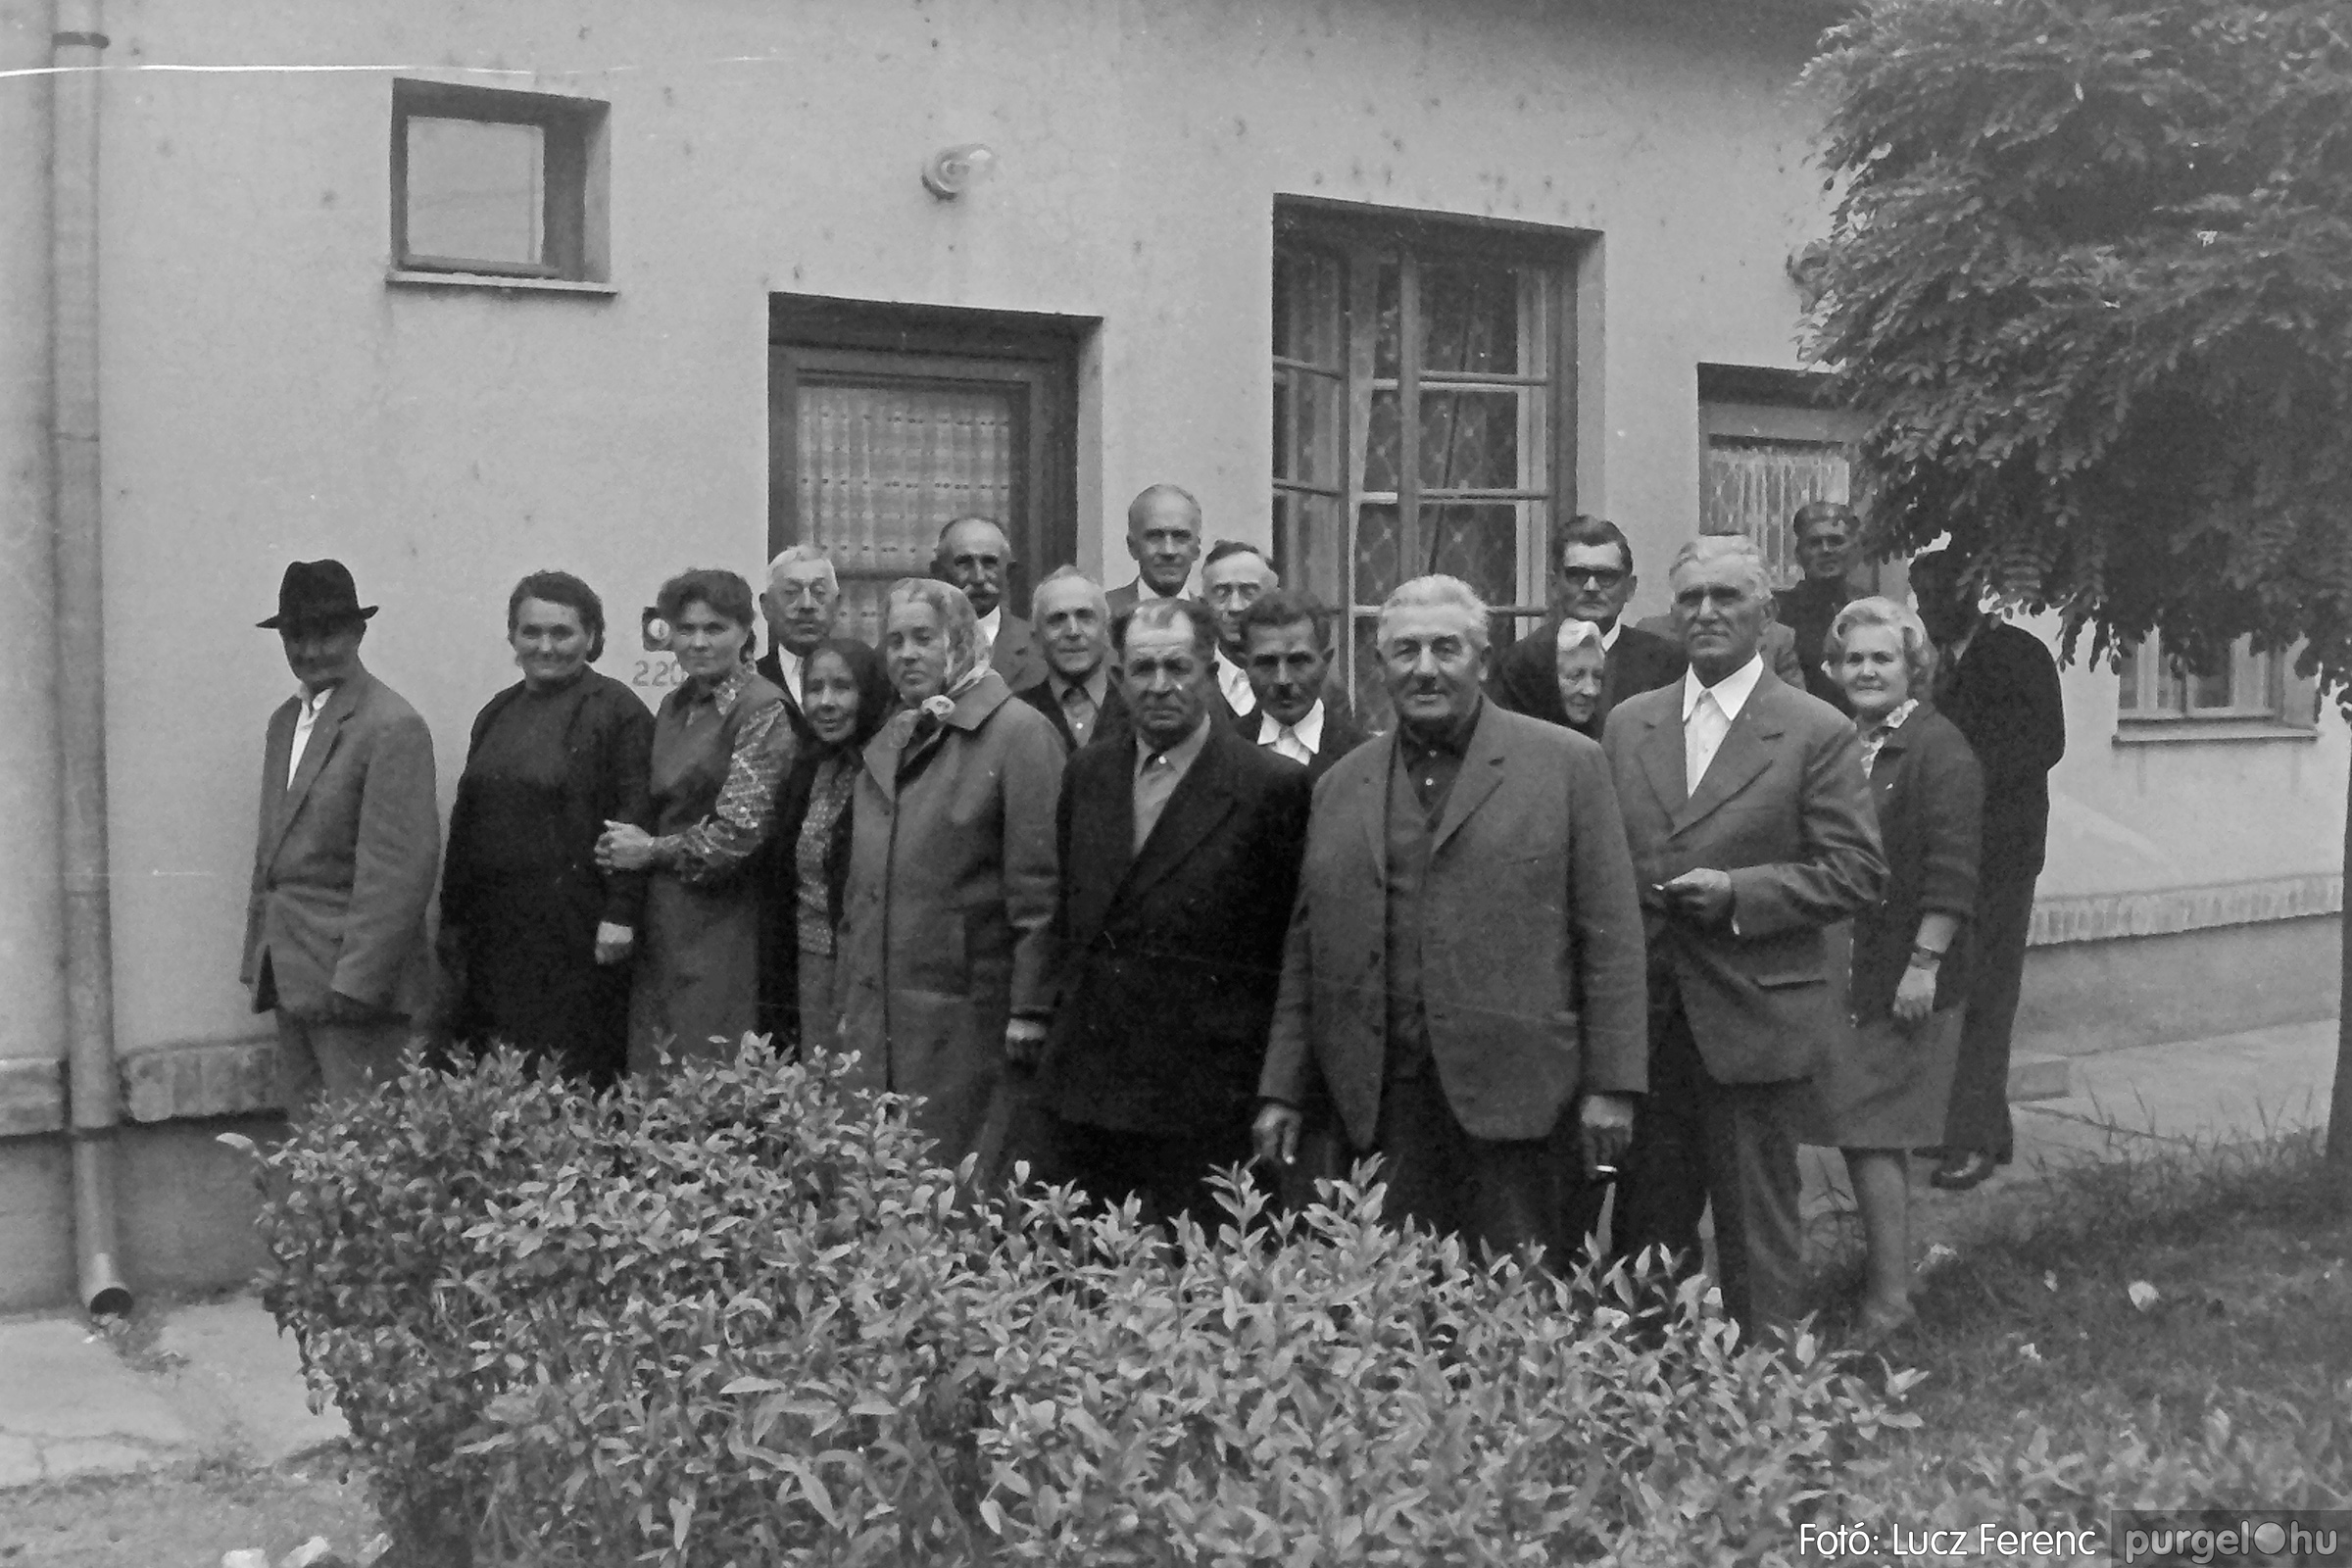 088A. 1977. Nyugdíjas találkozó a Kendergyárban 003. - Fotó: Lucz Ferenc.jpg